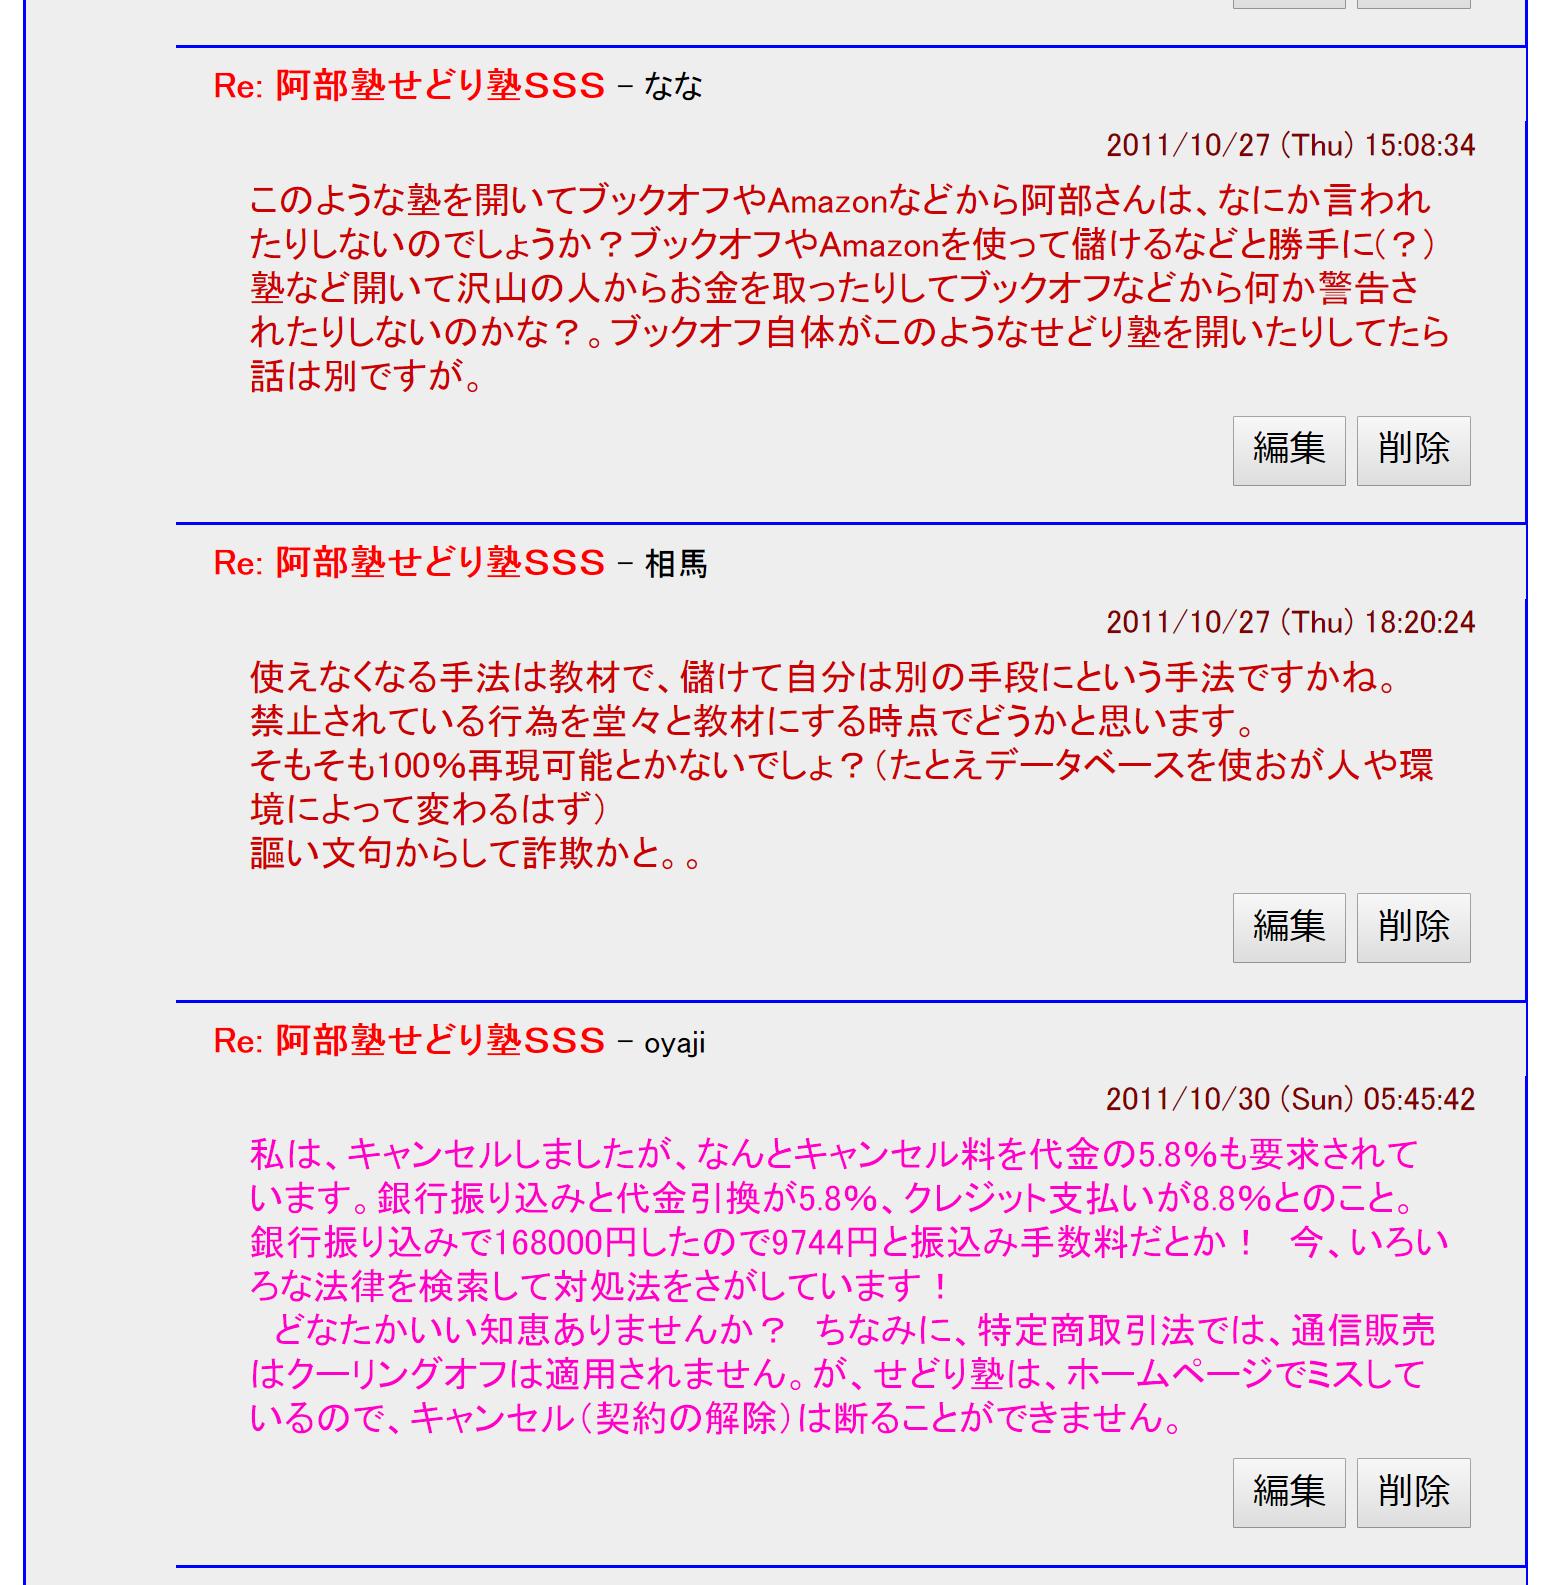 山本有花 ICO STOCK Labo 「ICO×株」2